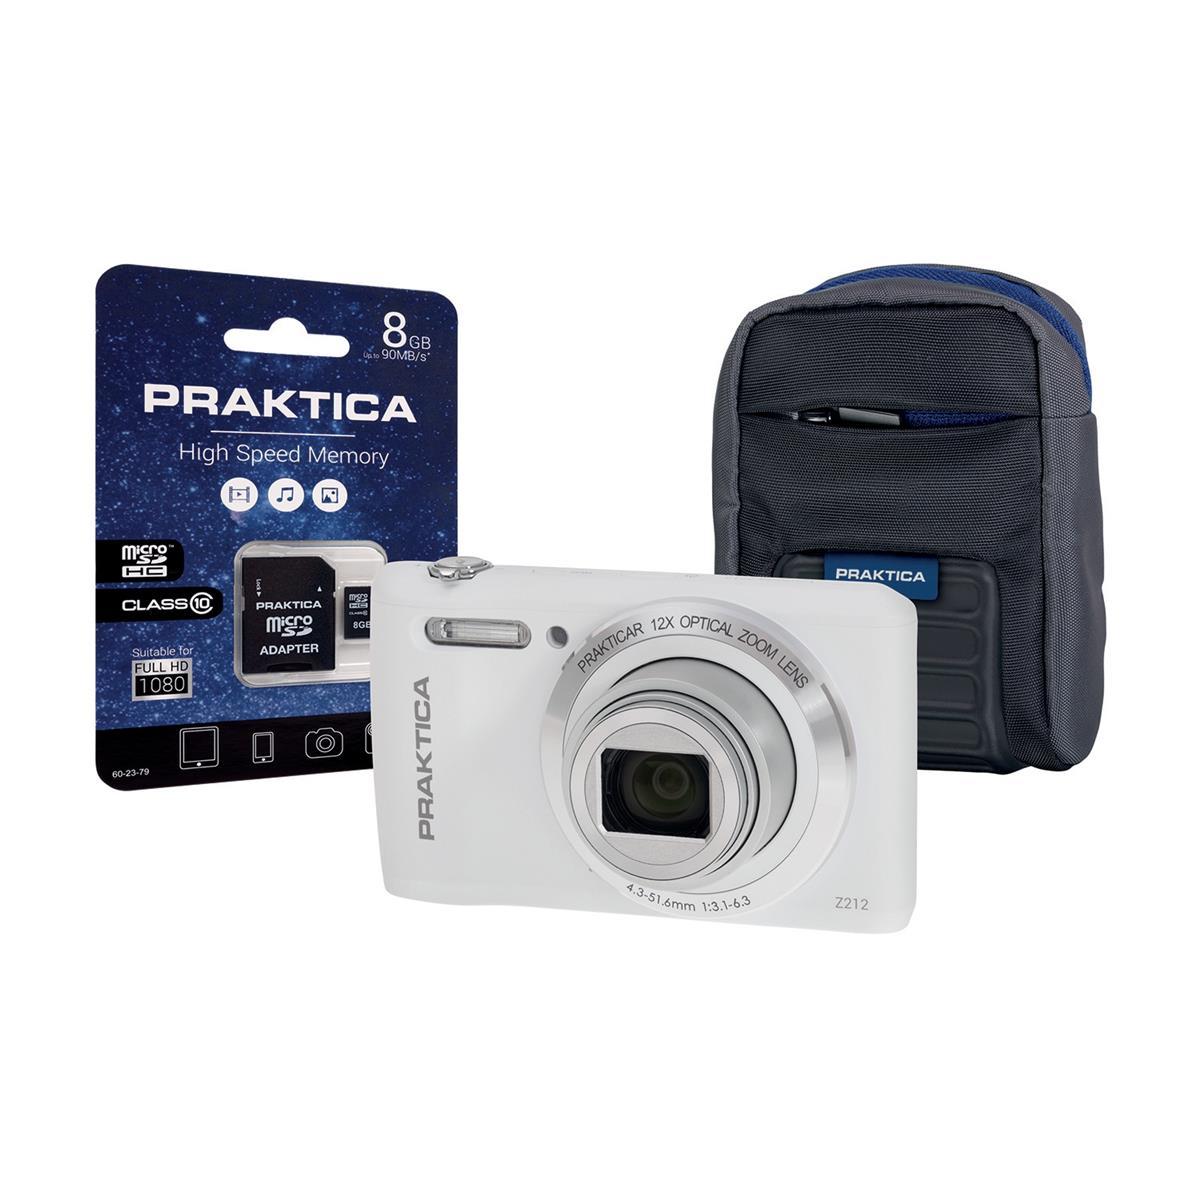 Image for Praktica Z212 Digital Camera Kit Wide 12x Optical Zoom Lens 20MP White Ref Z212-W 8GBCASE